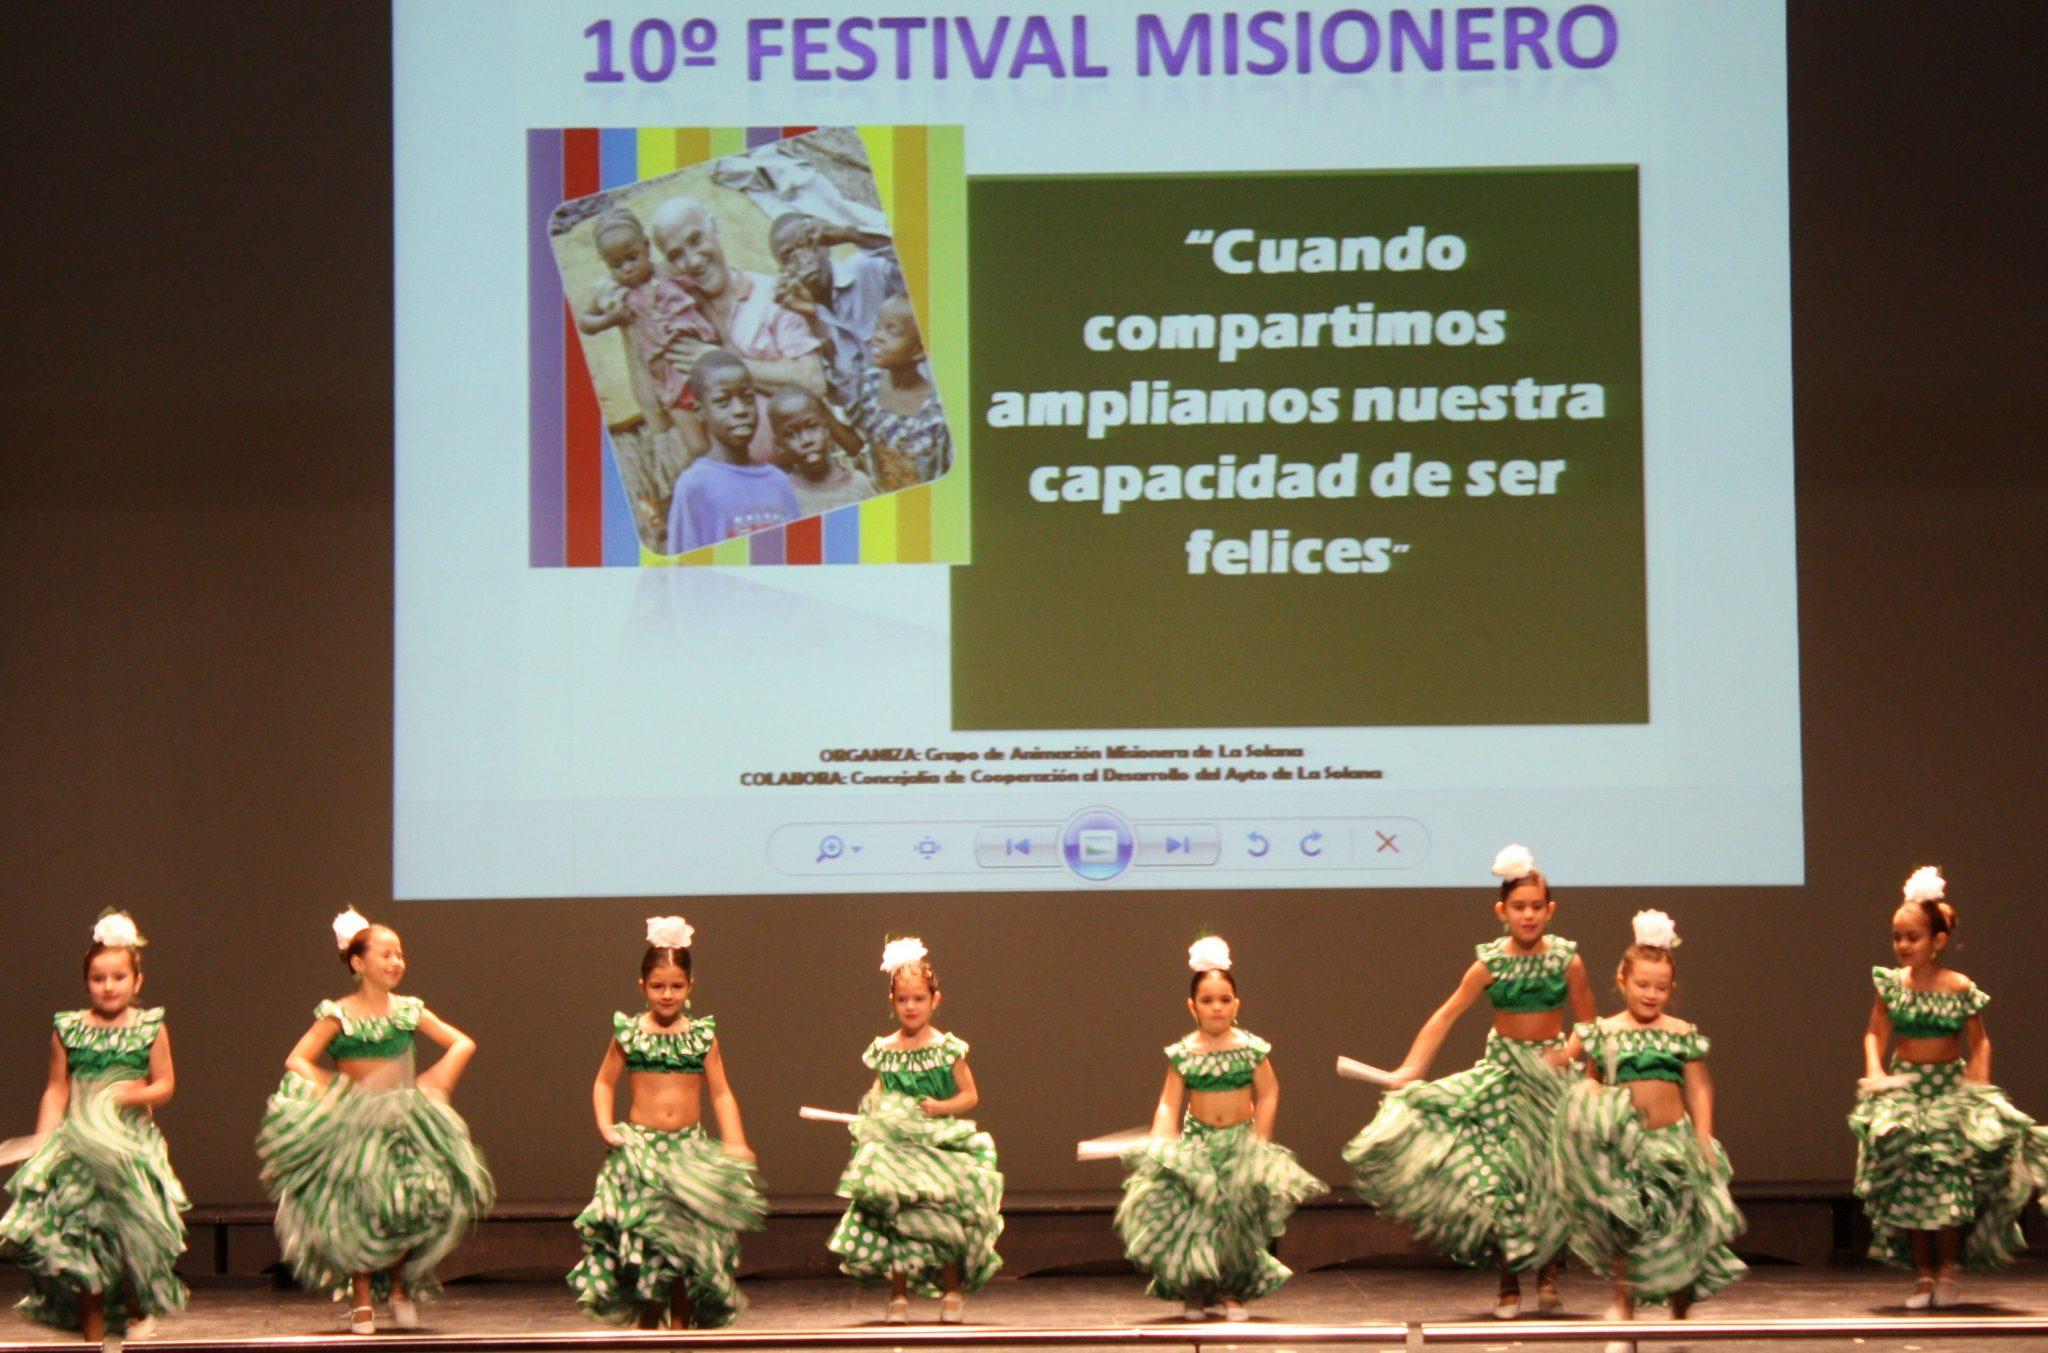 El X Festival Misionero recaudó 1.341 euros, superando la edición anterior